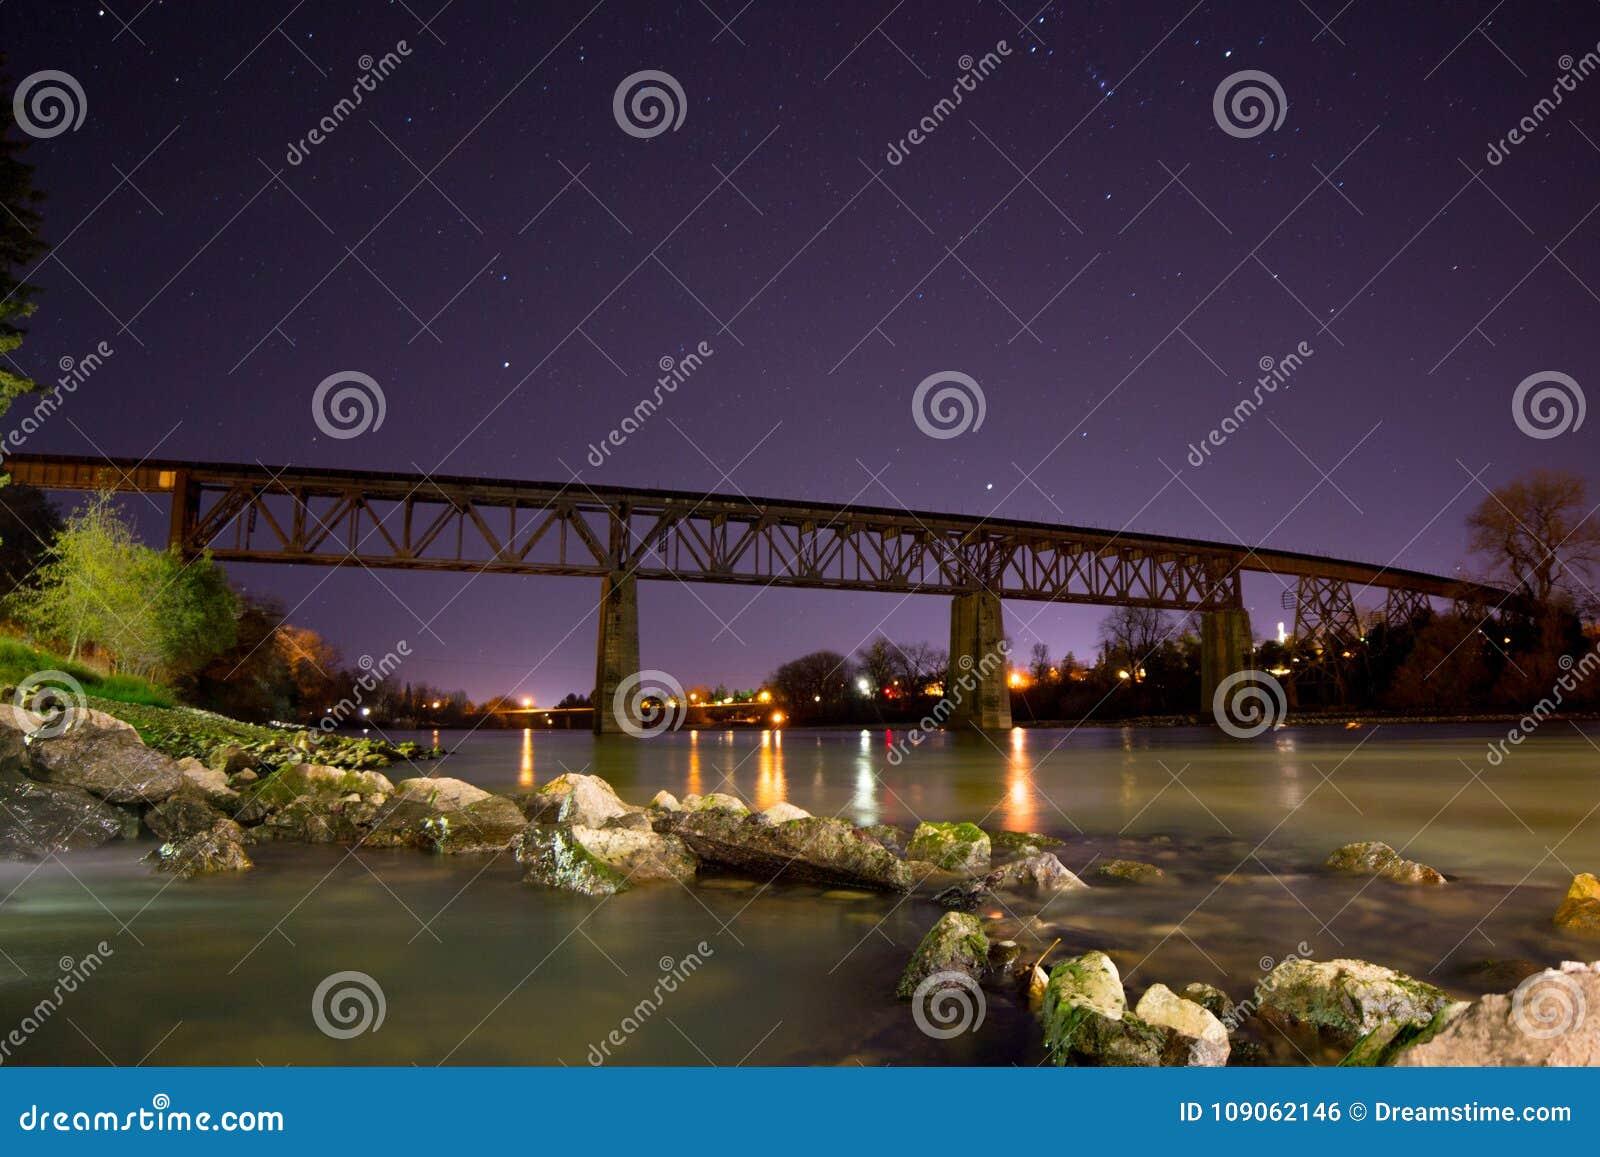 Night Shot Of Train Trestle Over Sacramento River In Redding Ca